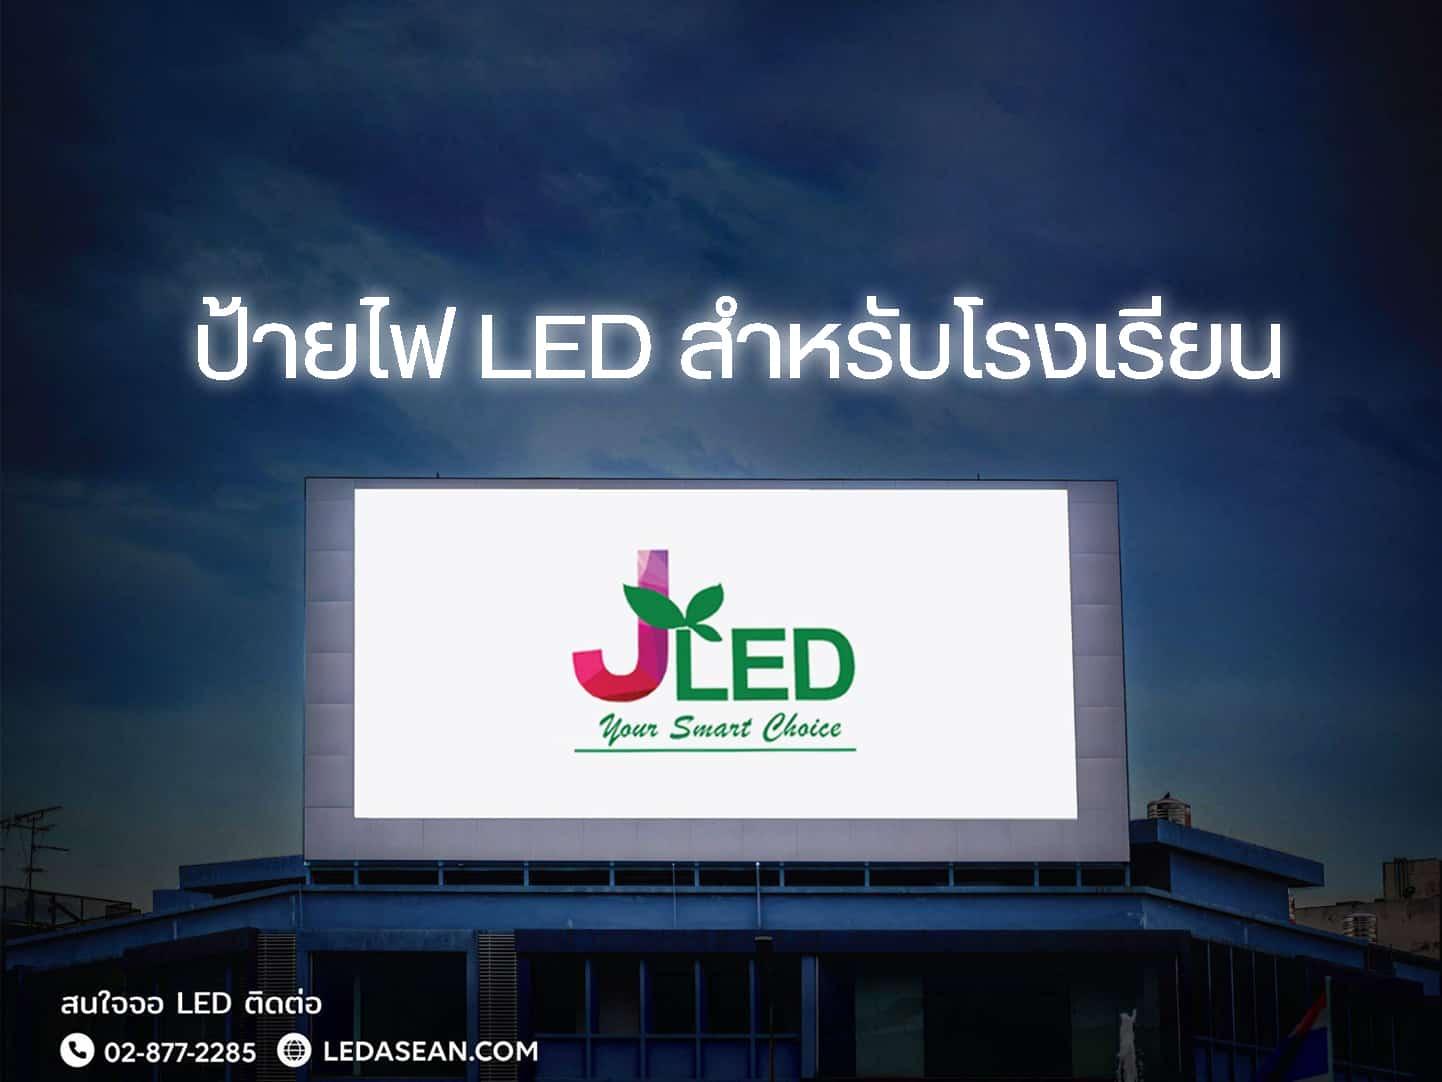 ป้ายไฟ LED สำหรับโรงเรียน จอled display